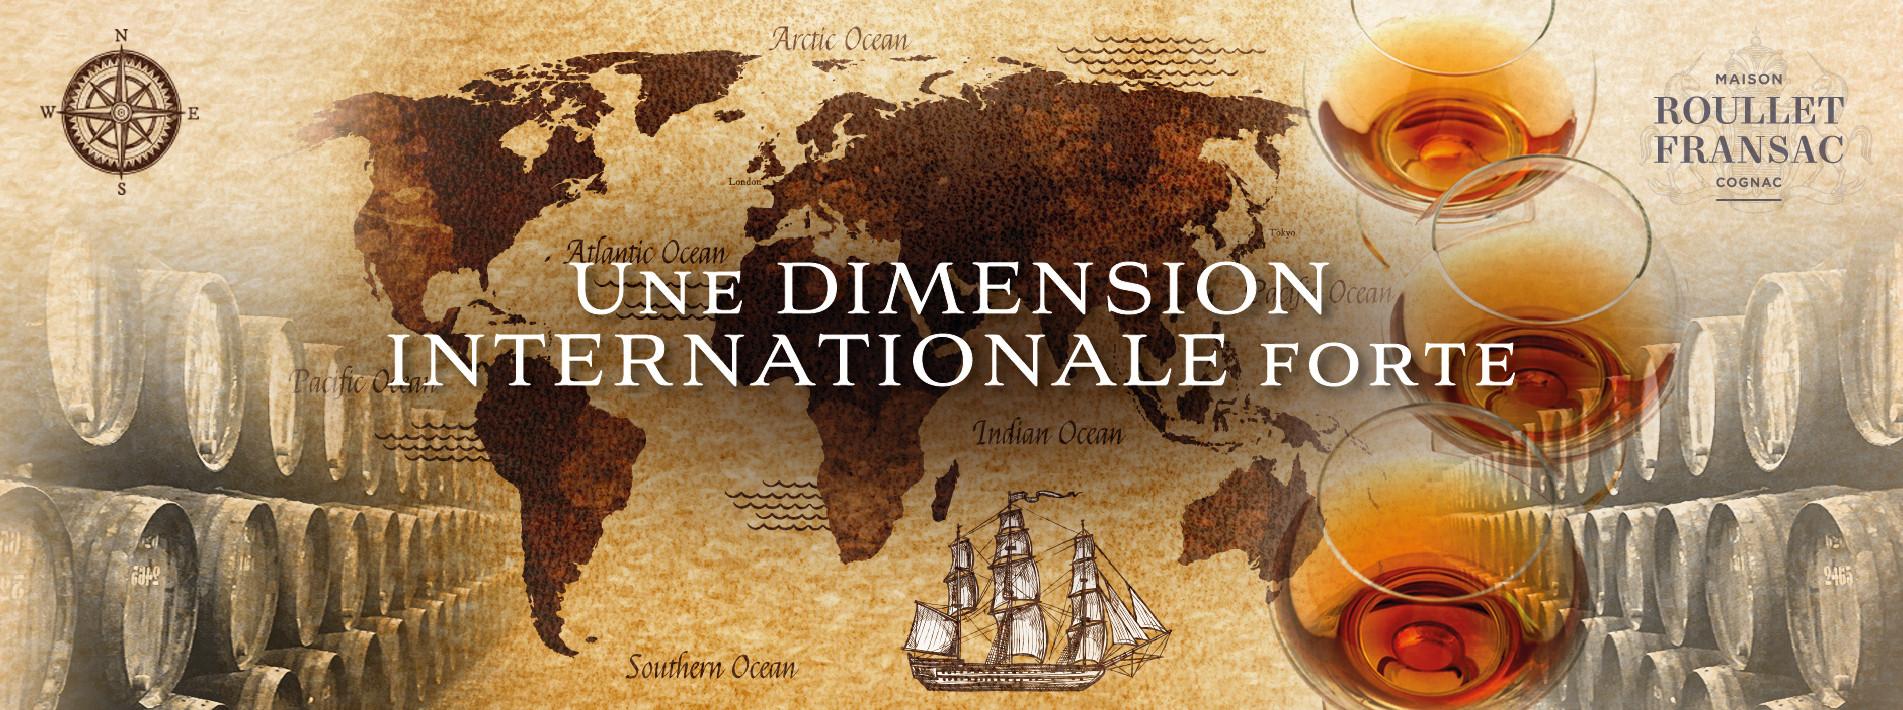 Une dimension internationale forte